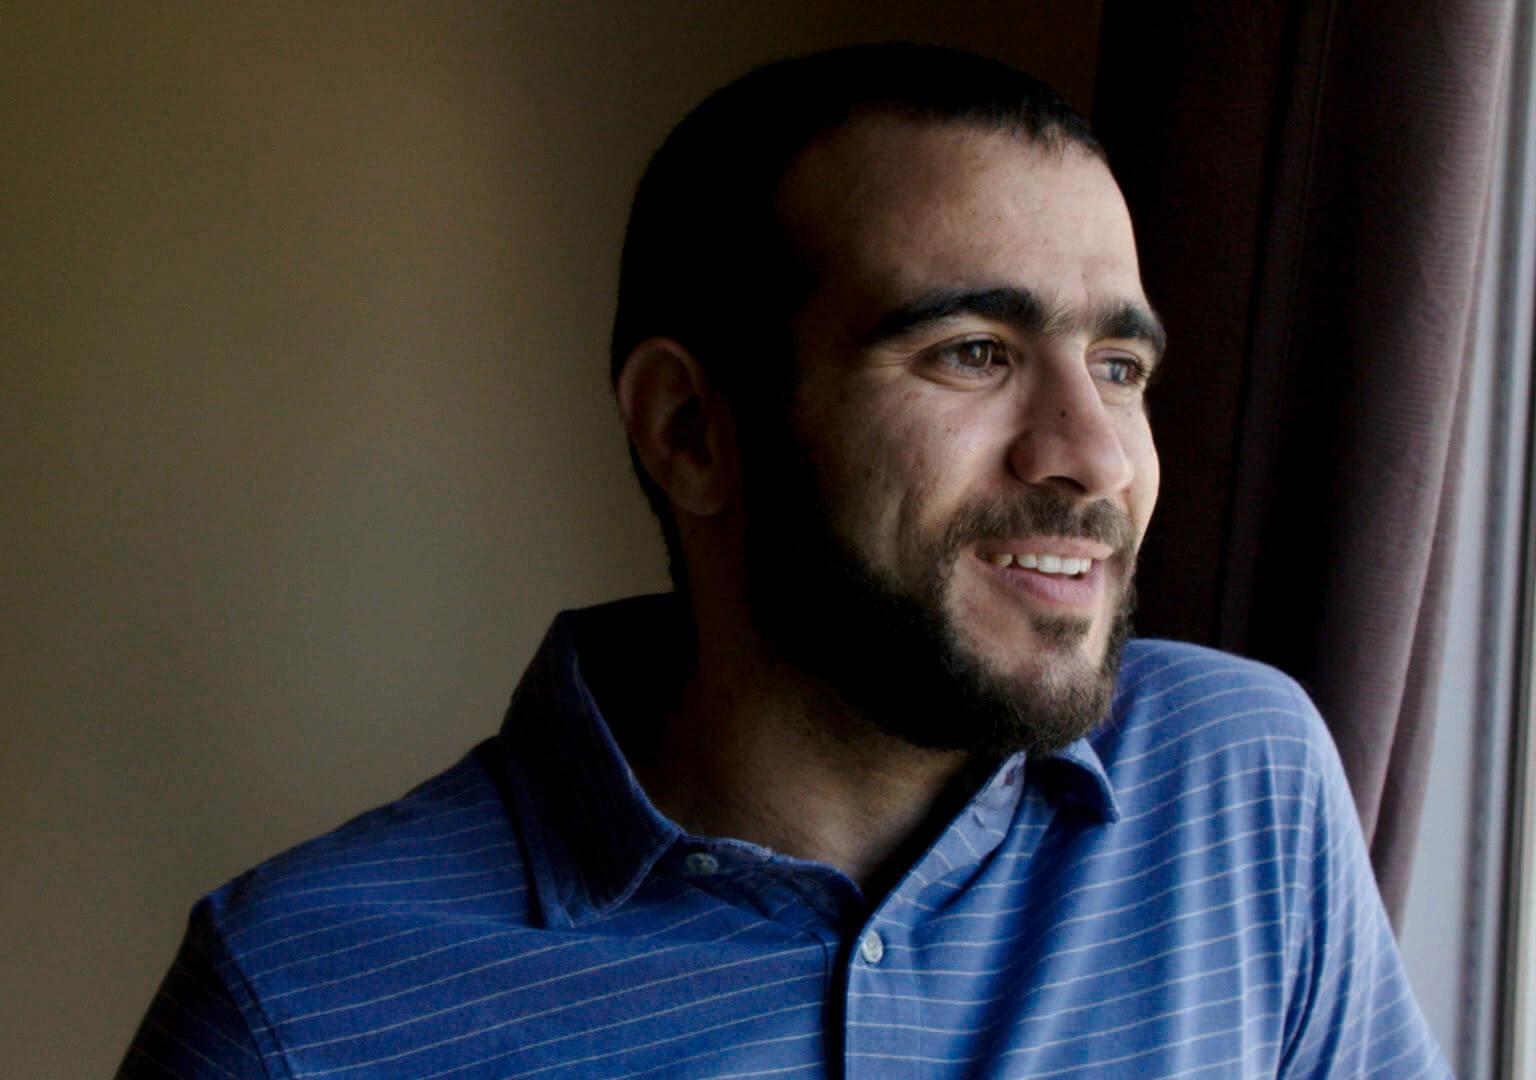 Video still from Guantanamo's Child